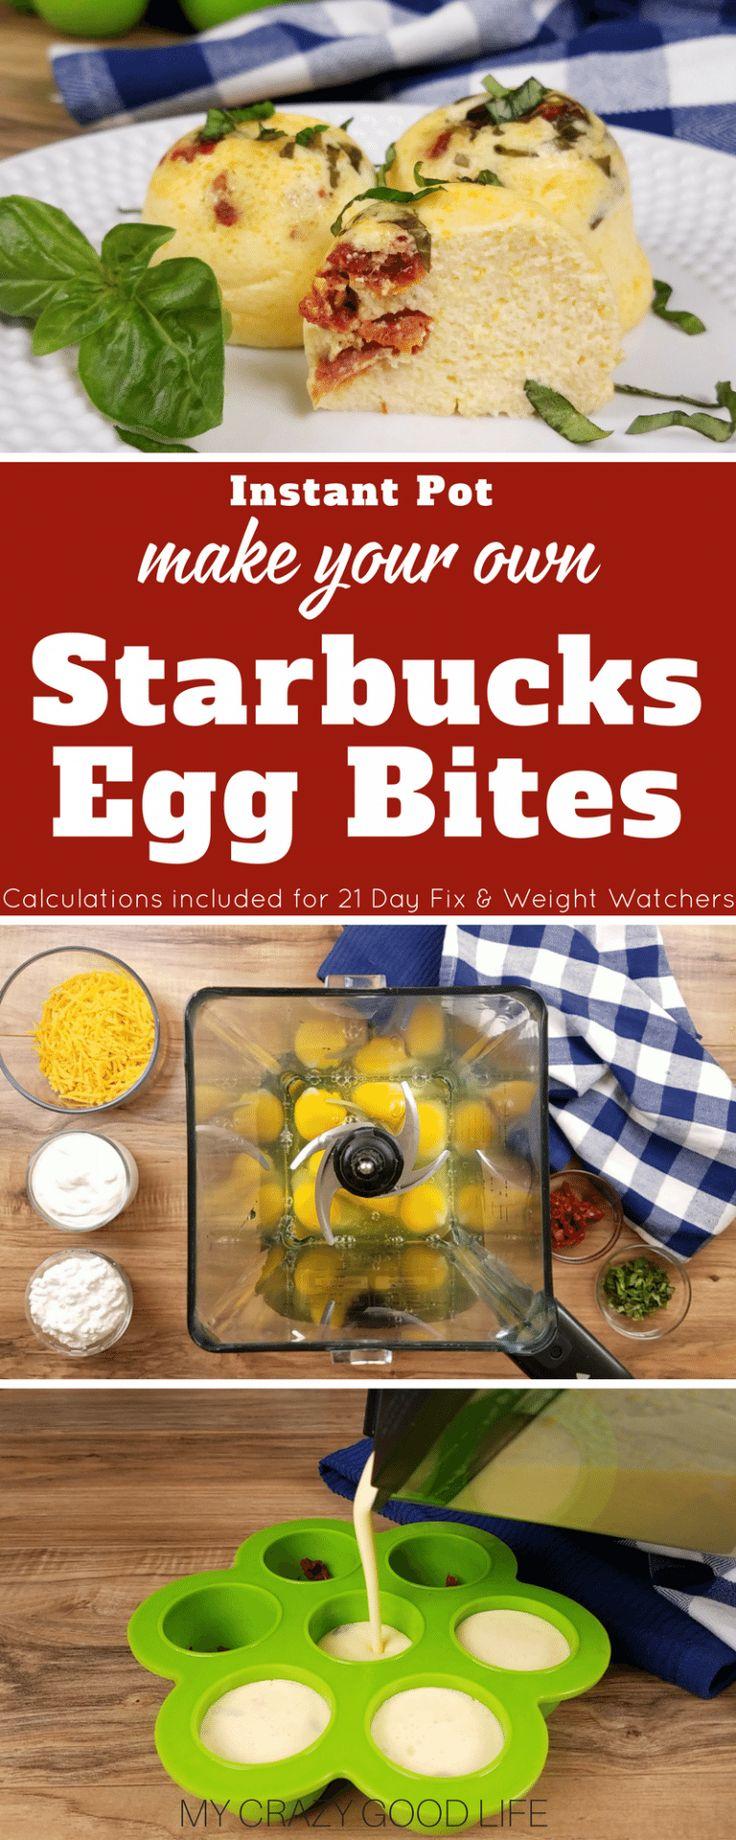 starbucks nutrition guide egg bites